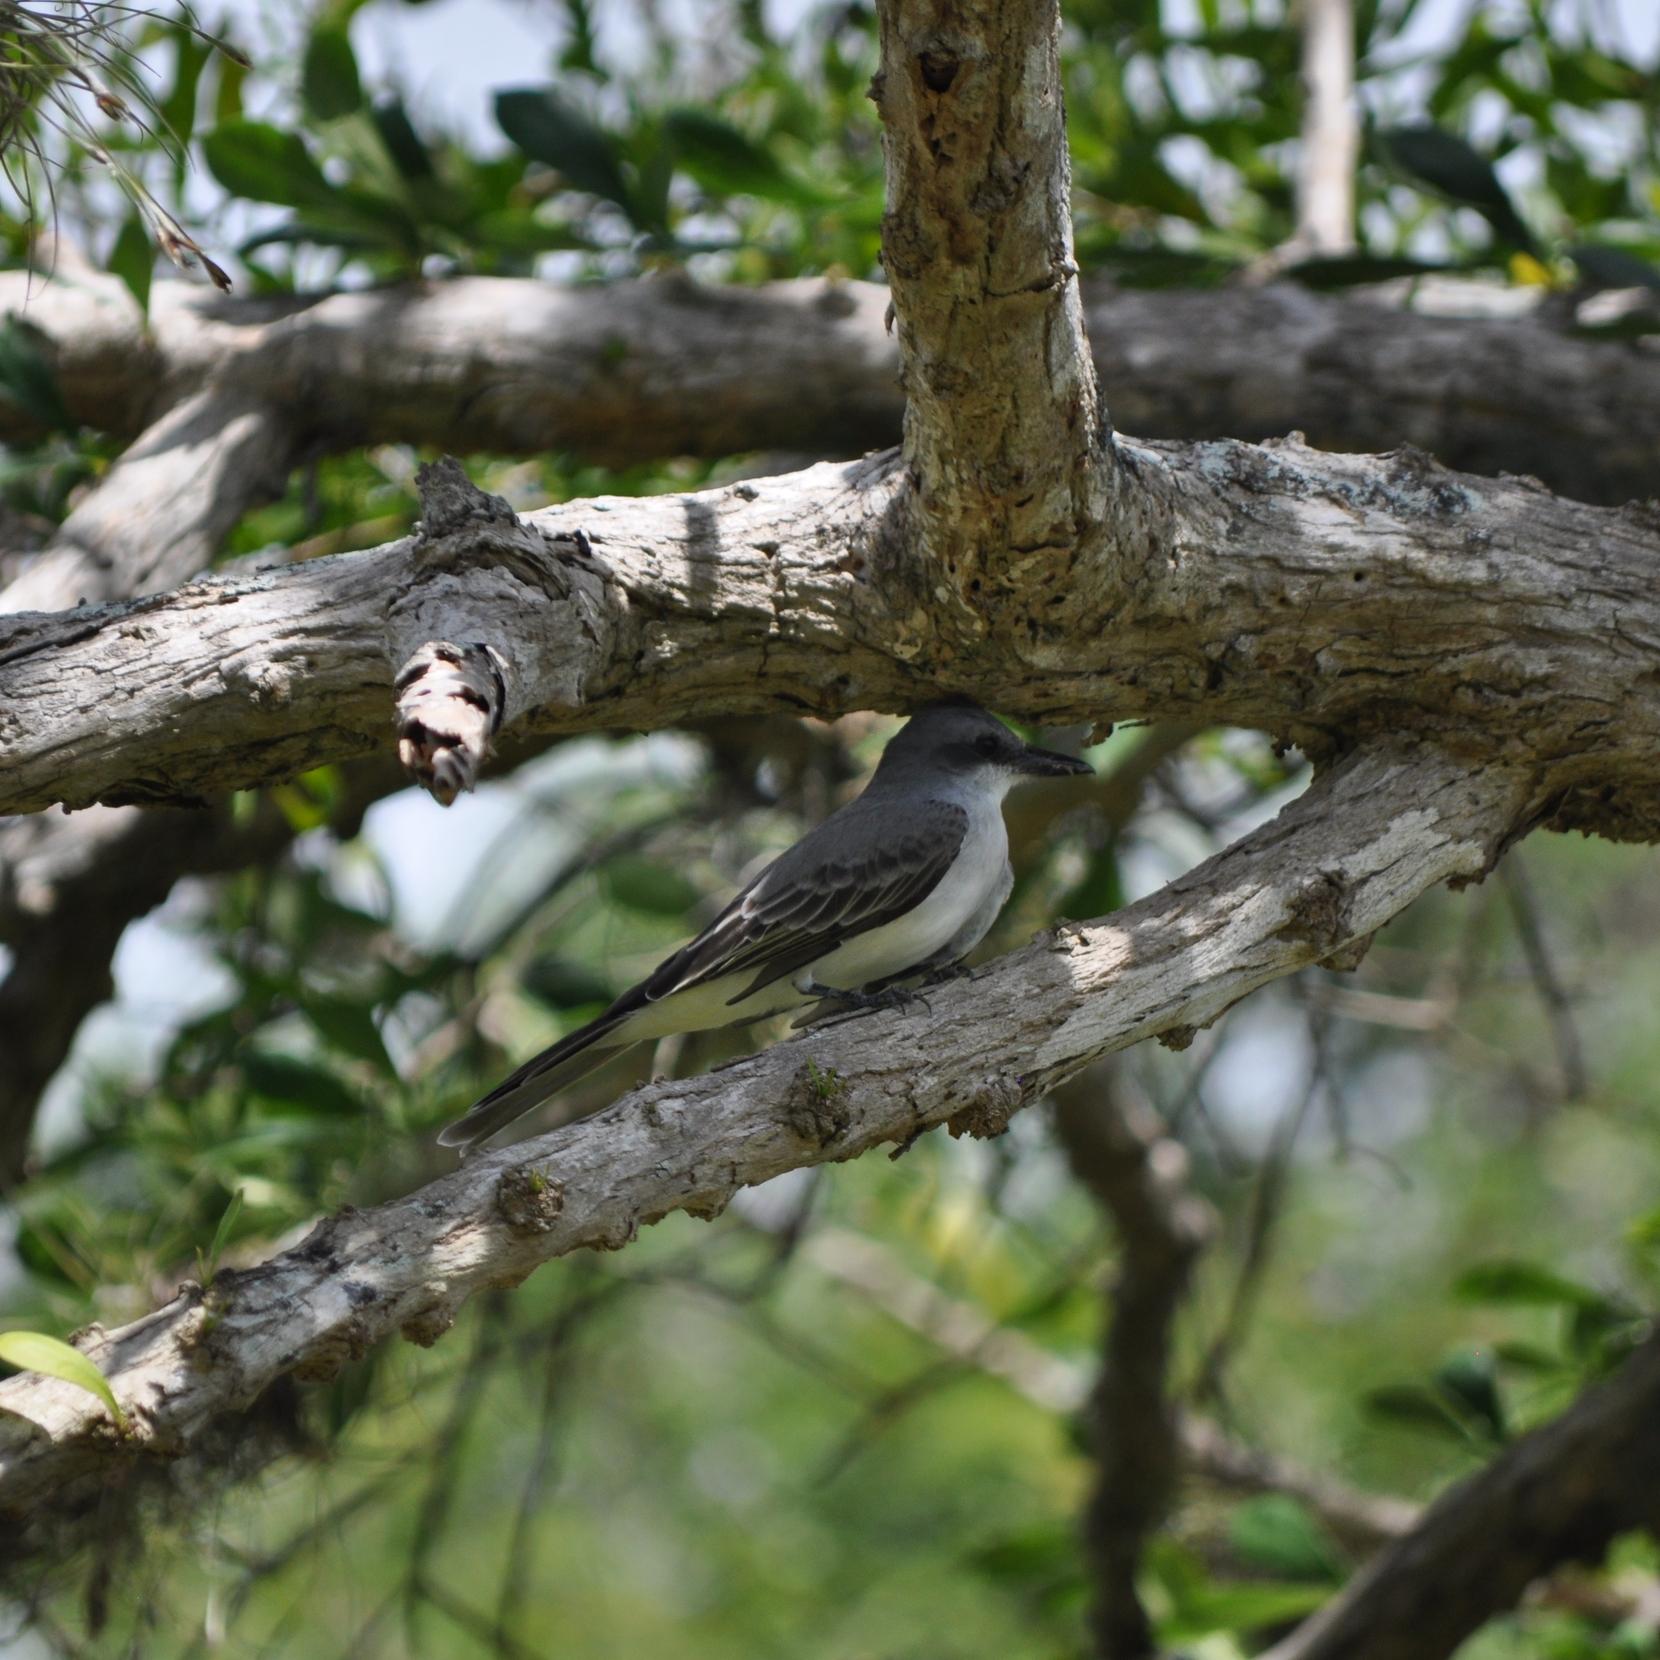 El pitirre es un ave sumamente territorial, también se le reconoce por su canto mañanero. Foto: Pamy Rojas